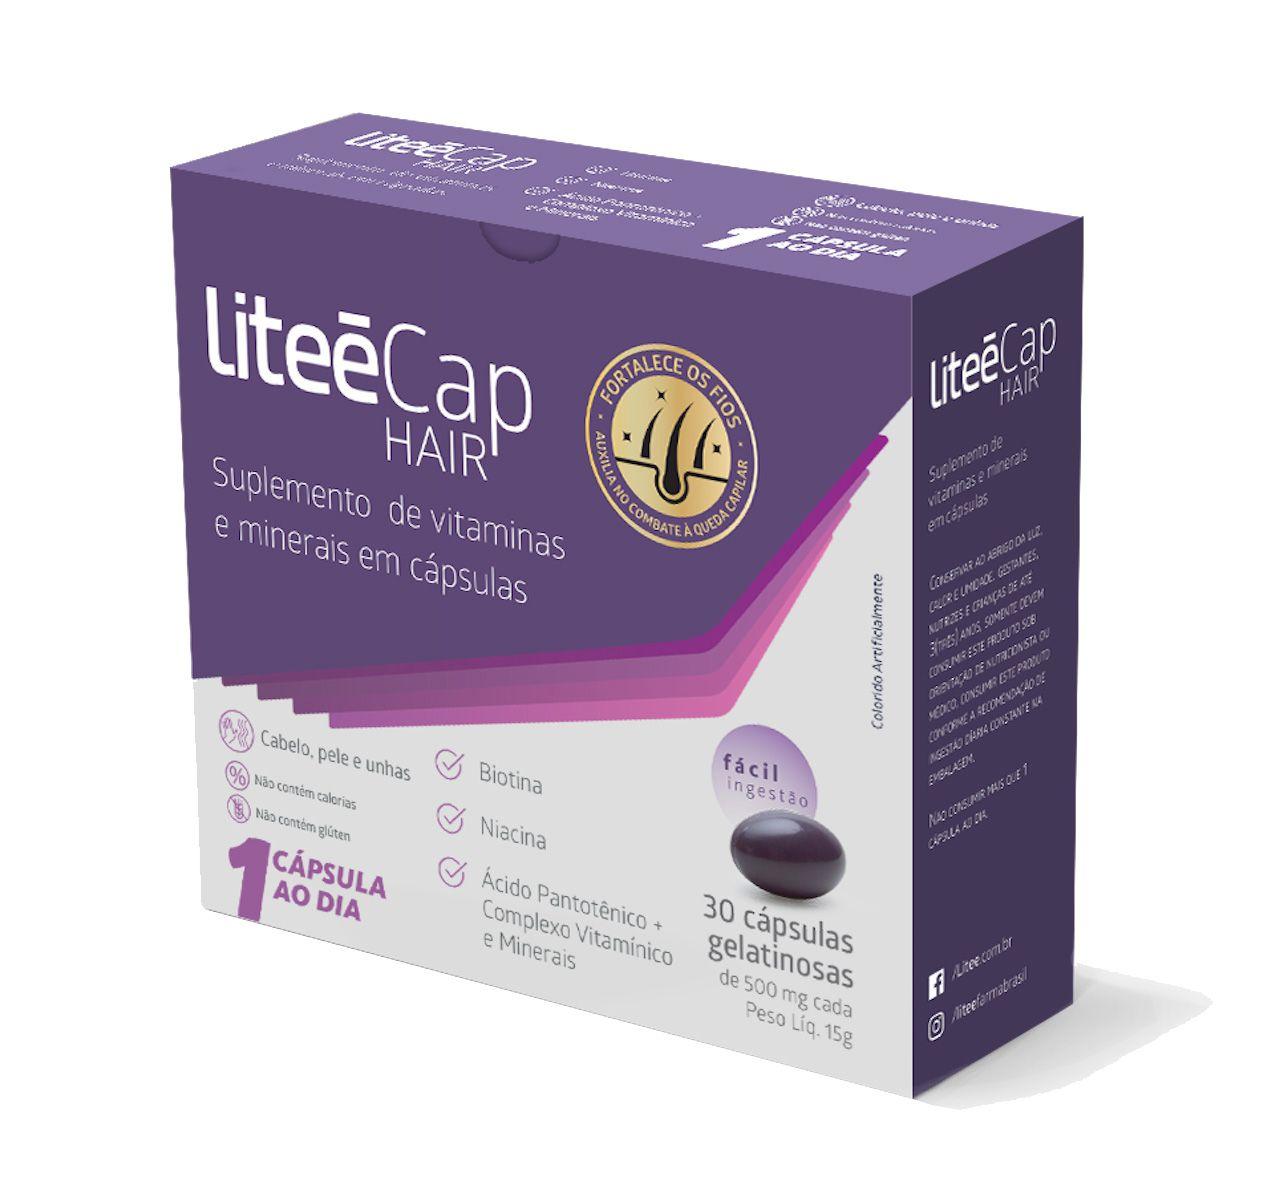 Compre 3 unidades de LiteeCap Hair e ganhe uma bolsa multiuso